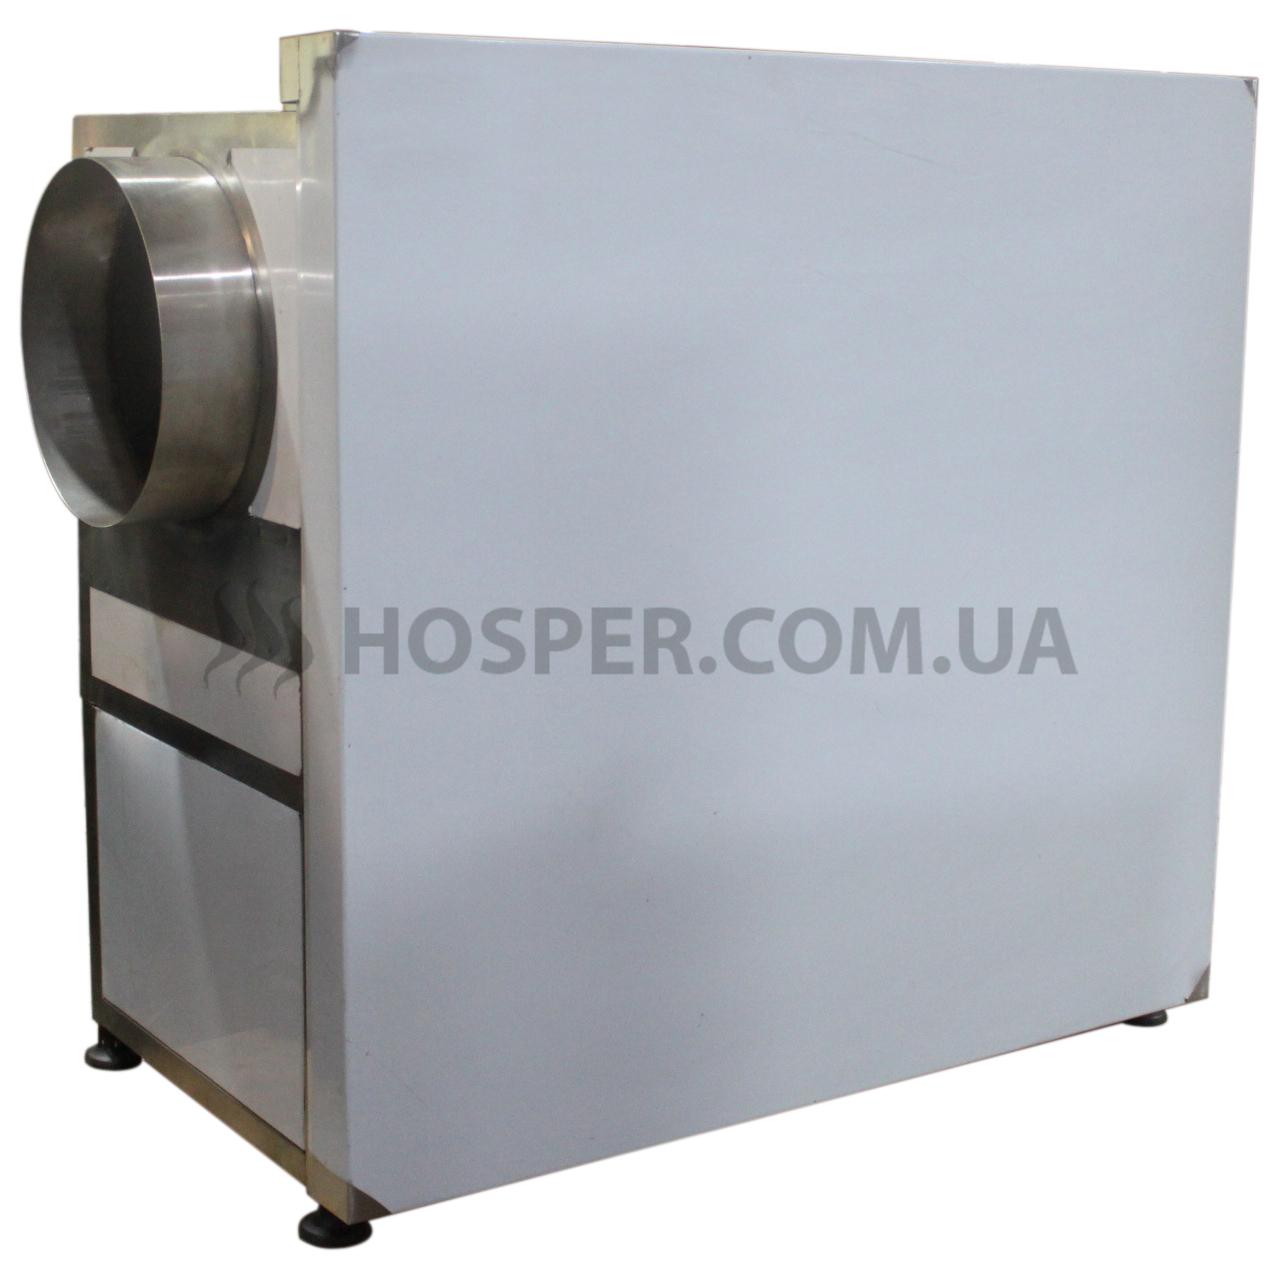 Купить Вентиляционный Гидрофильтр-Искрогаситель для мангала в Украине цена 71600 грн.